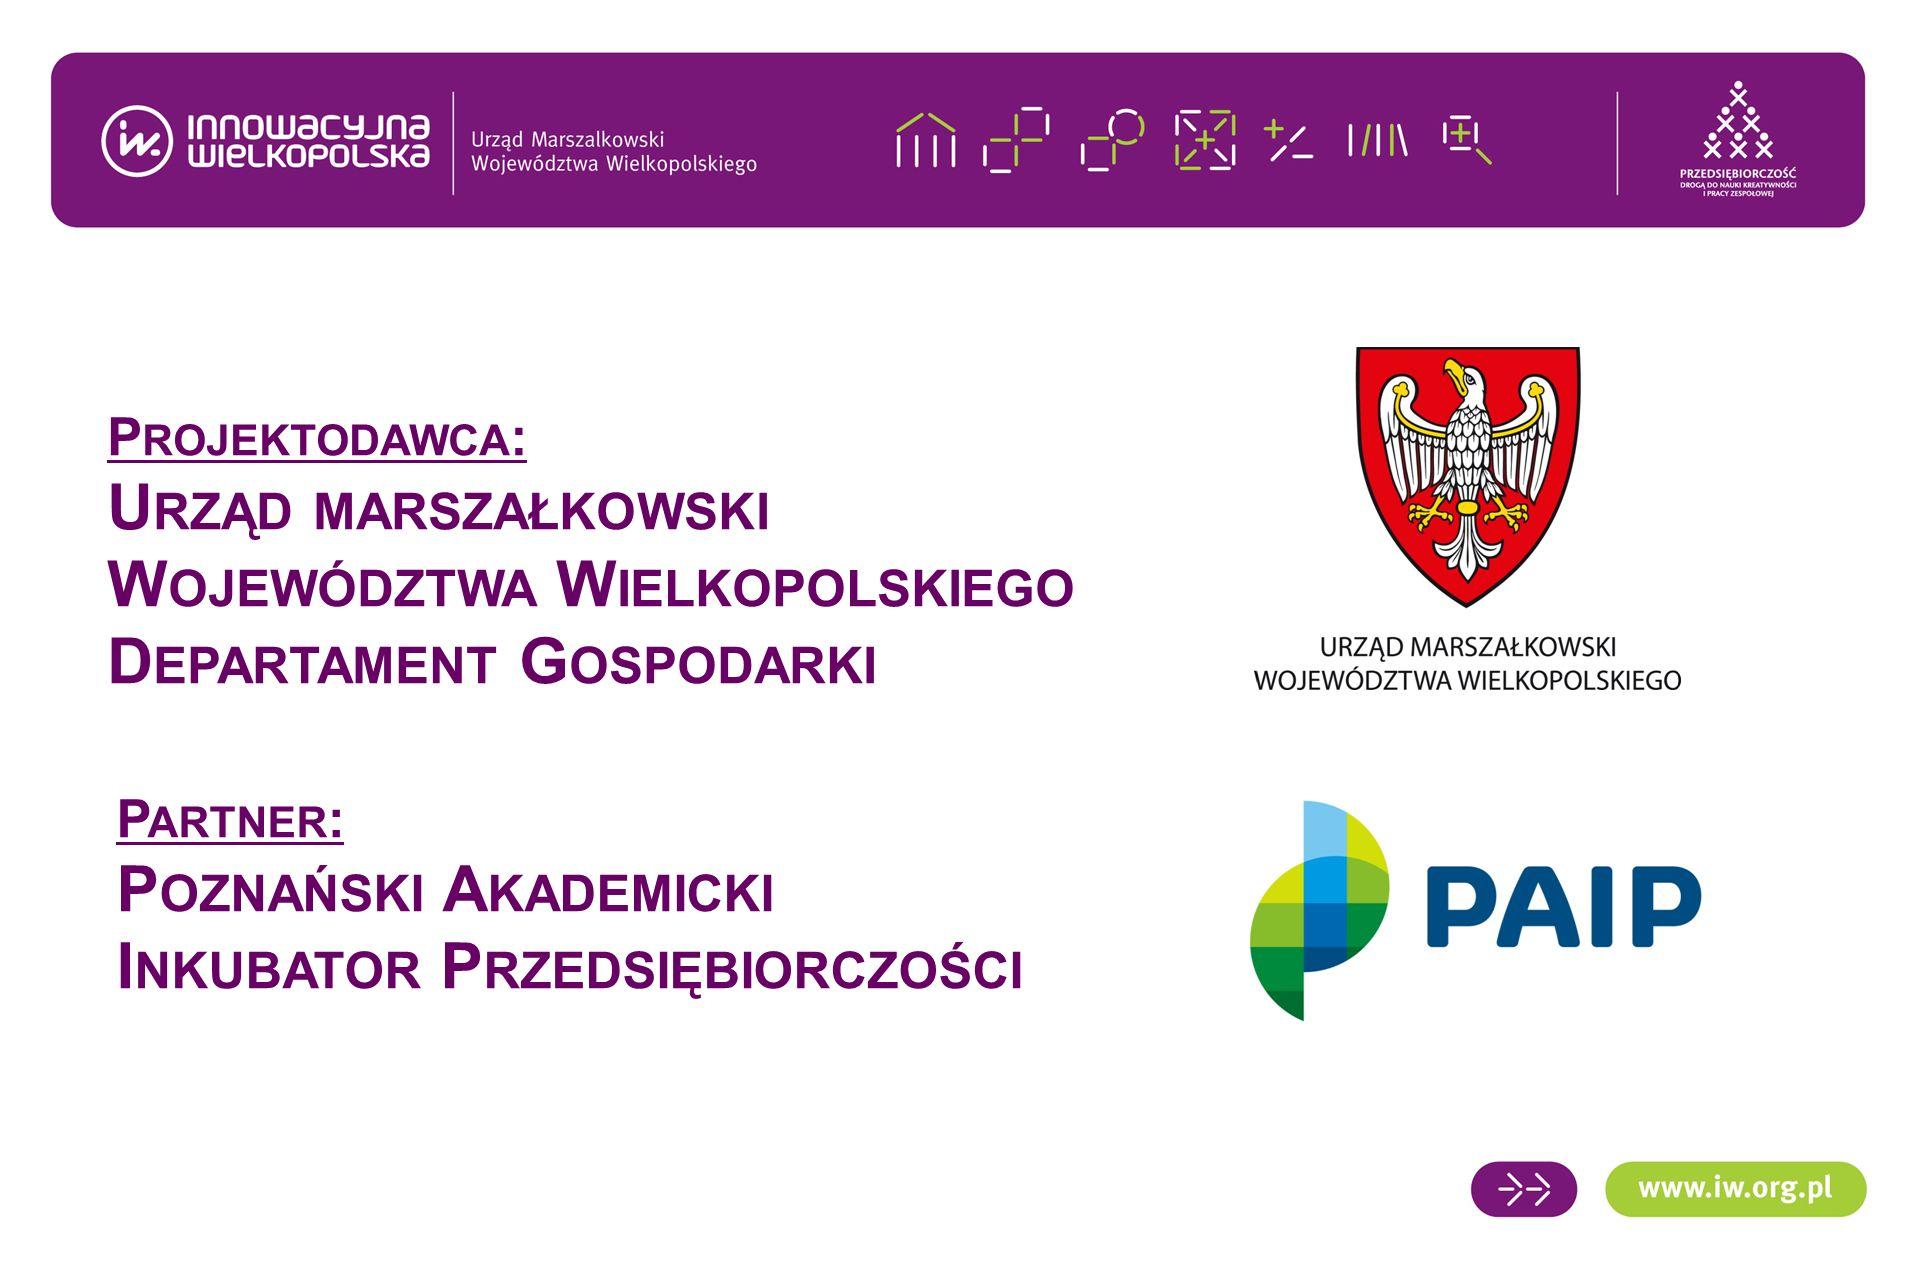 Województwa Wielkopolskiego Departament Gospodarki